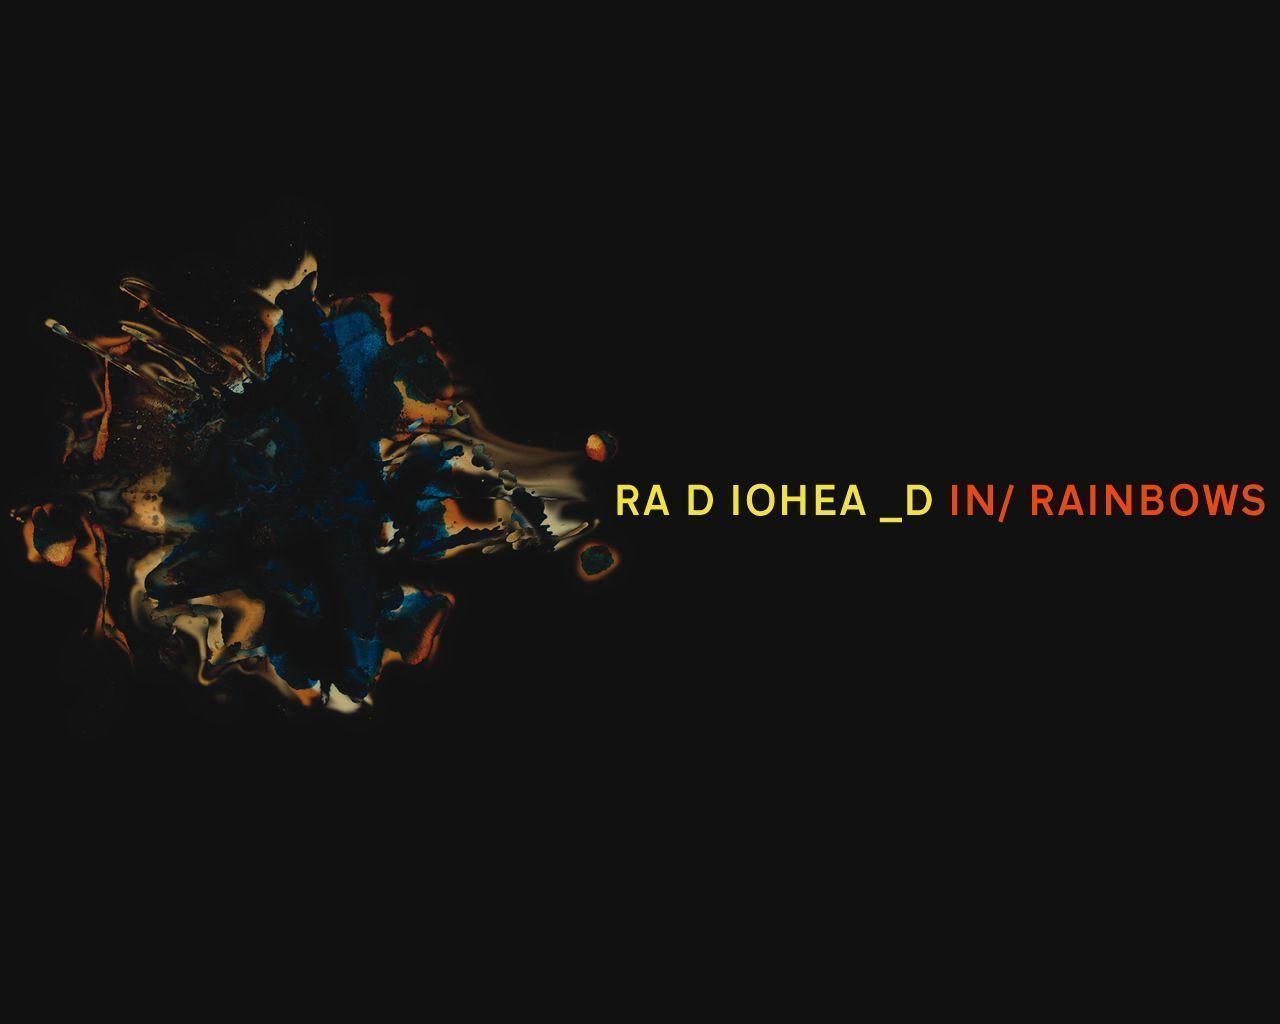 Radiohead rainbows lyrics